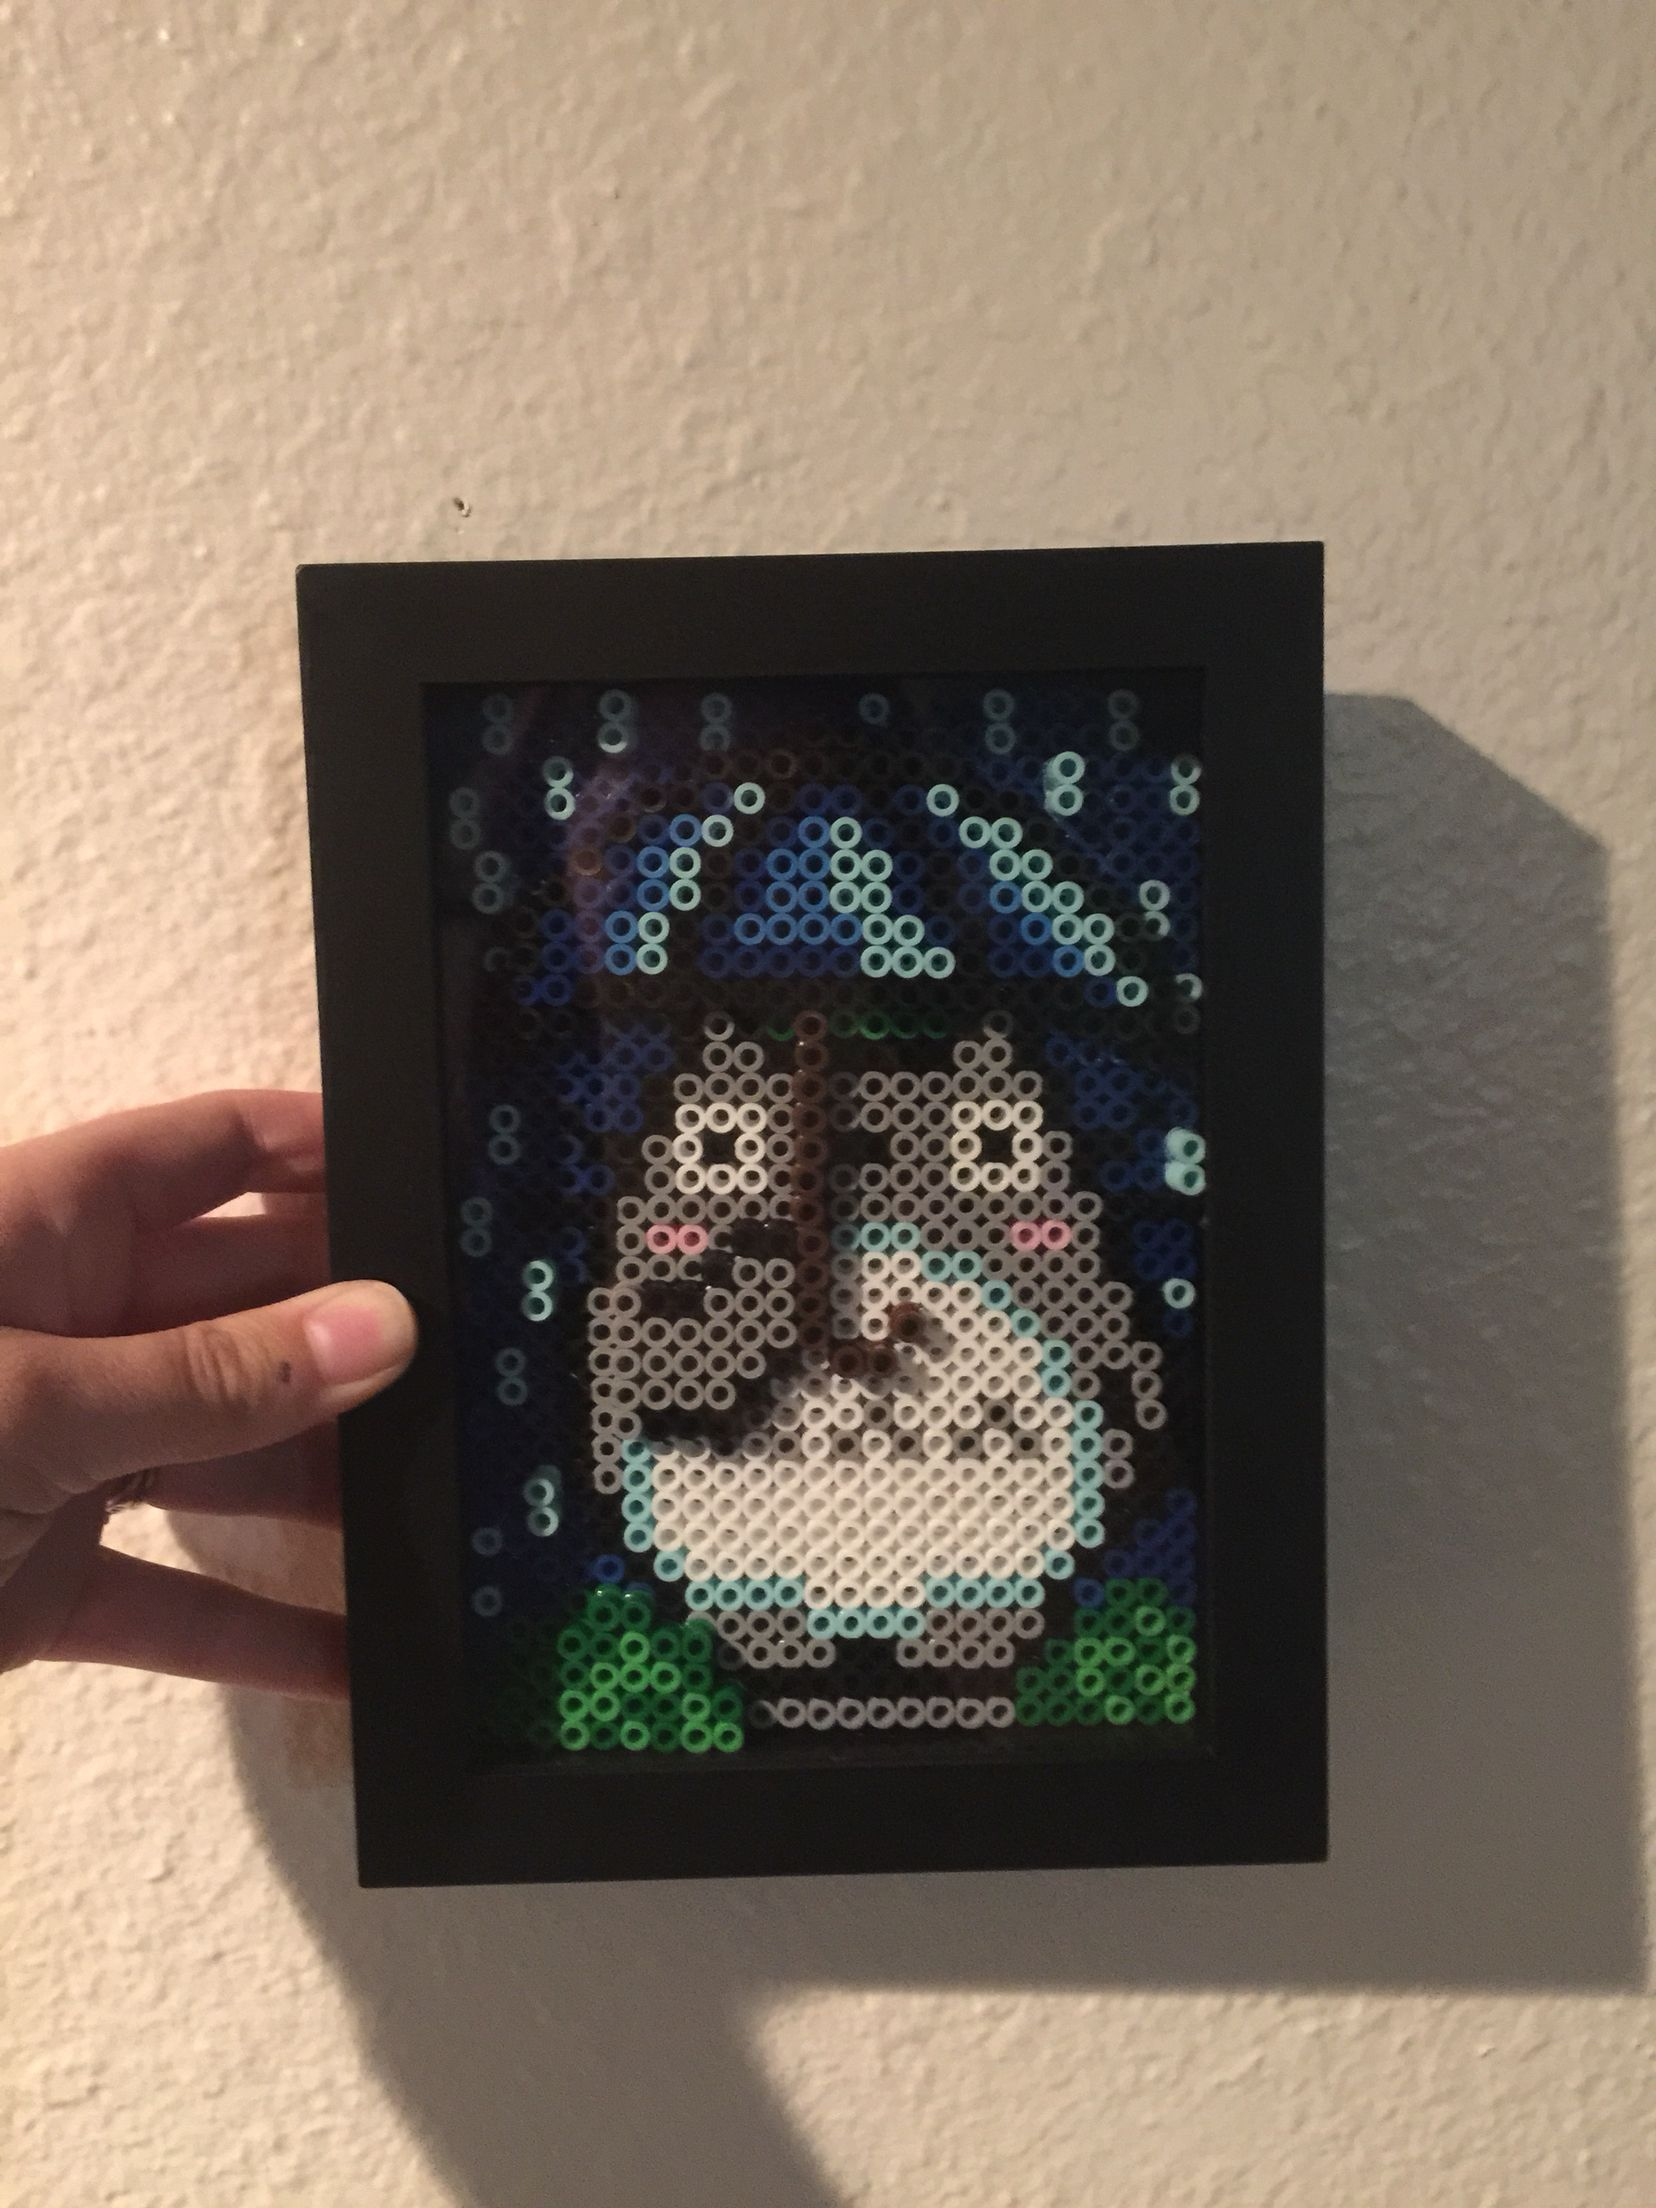 3D Totoro perler bead frame | Things I've Made | Perler